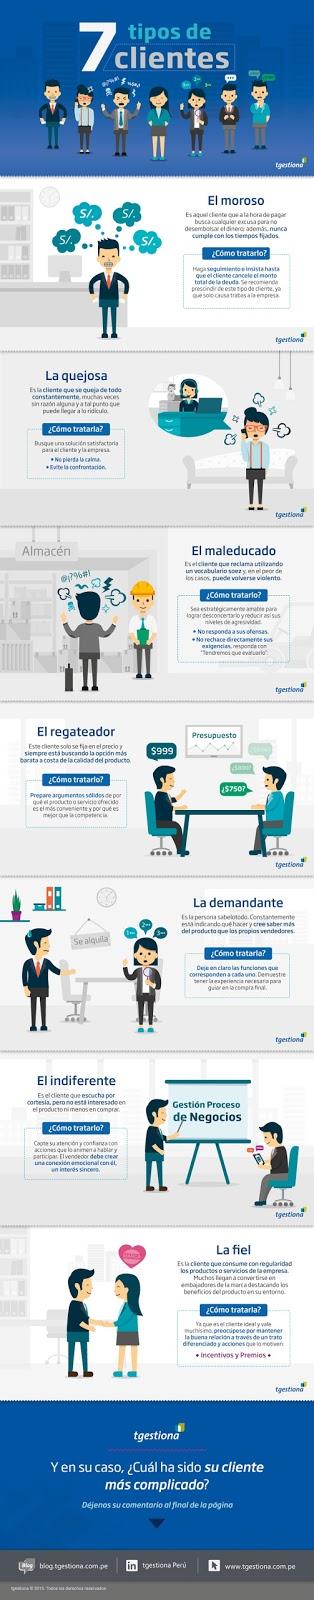 7 tipos de clientes [Infografía]